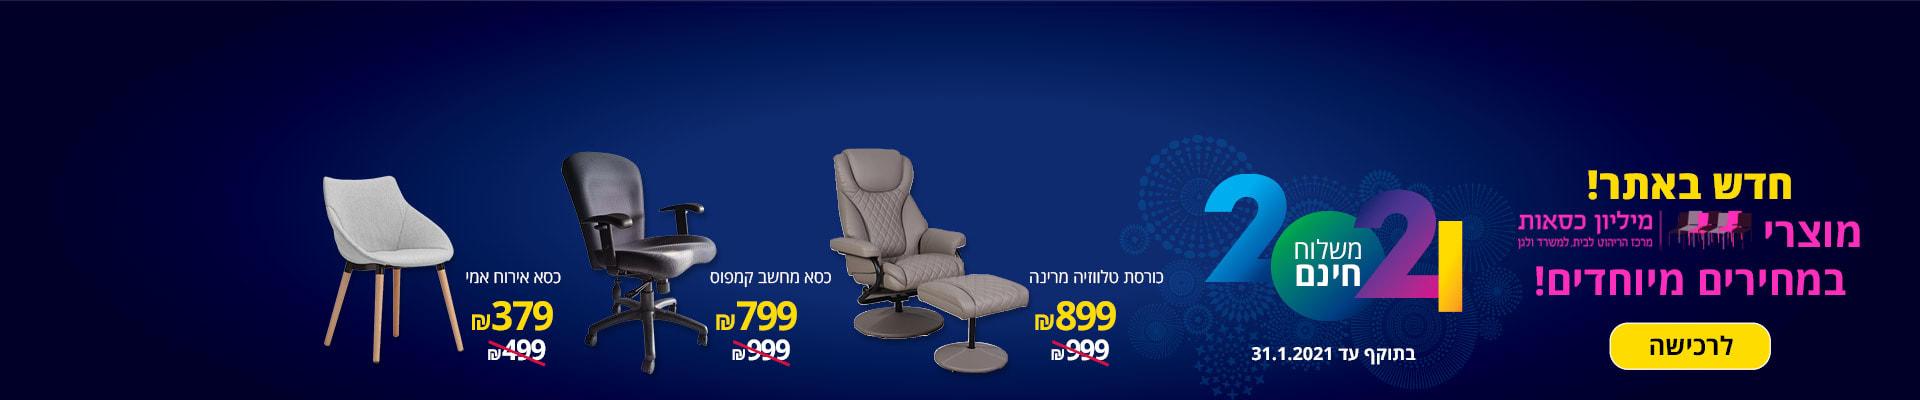 חדש באתר! מוצרי מיליון כיסאות מרכז הריהוט לבית למשרד ולגן במחירים מטורפים! כורסאות טלוויזיה מרינה 899 ₪ , כסא מחשב קמפוס 799 ₪ , כסא אירוח אמי 379 ₪  משלוח חינם בתוקף עד 31.1.2021